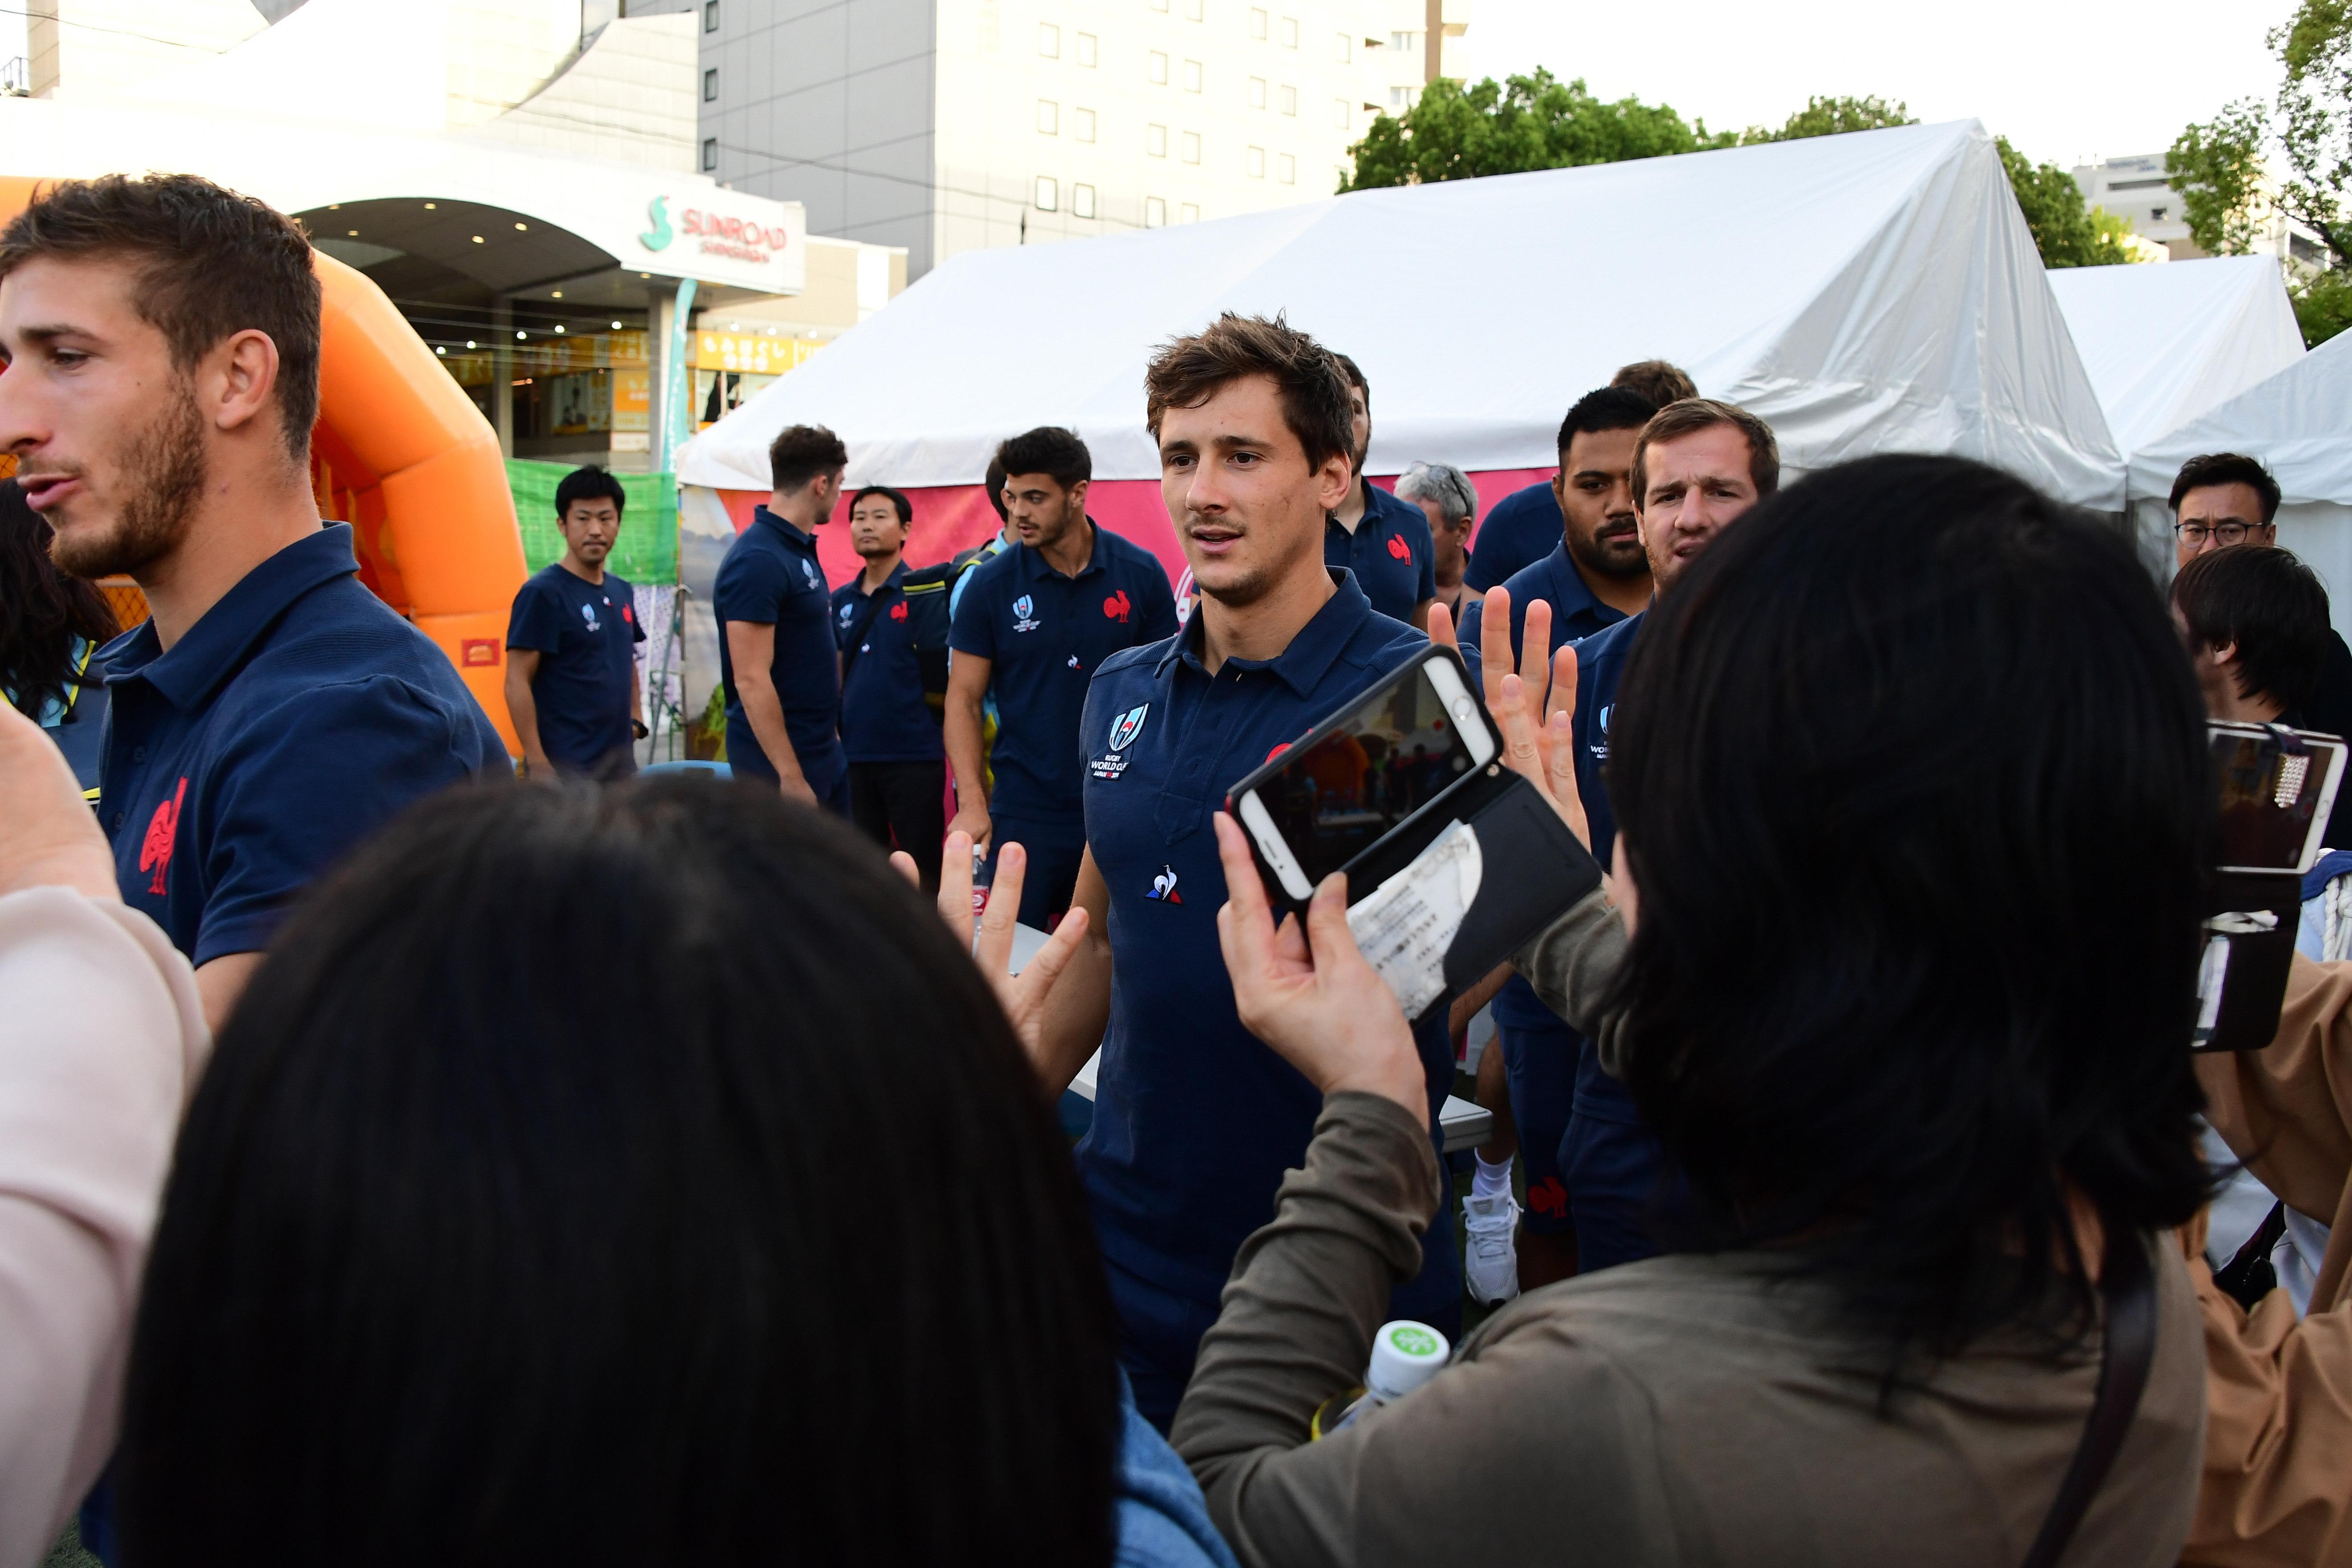 フランス代表がファンゾーンに登場「熊本のファンに感謝」 サイン会も実施 画像